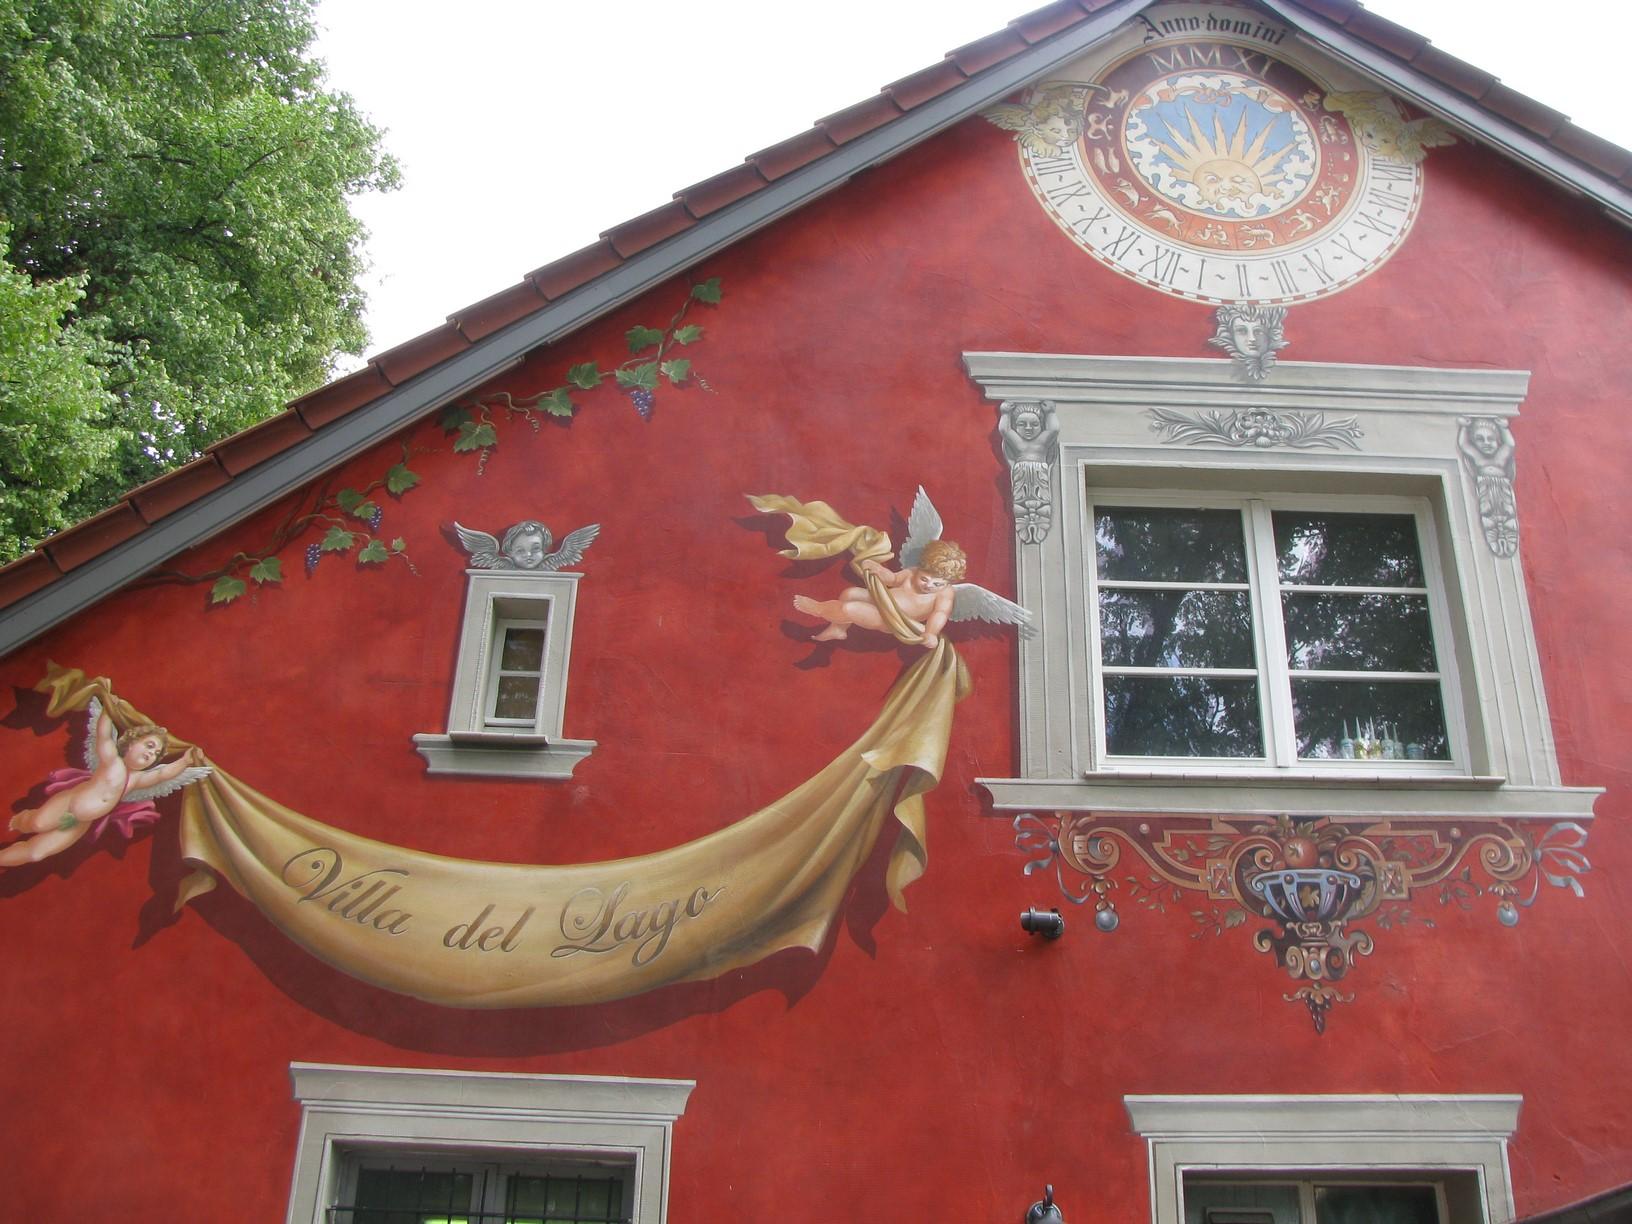 Auf dieser Fassadenmalerei sind kleine Engel die ein Transparent hochheben zu sehen. Ein schönes Beispiel für Wandmalerei.